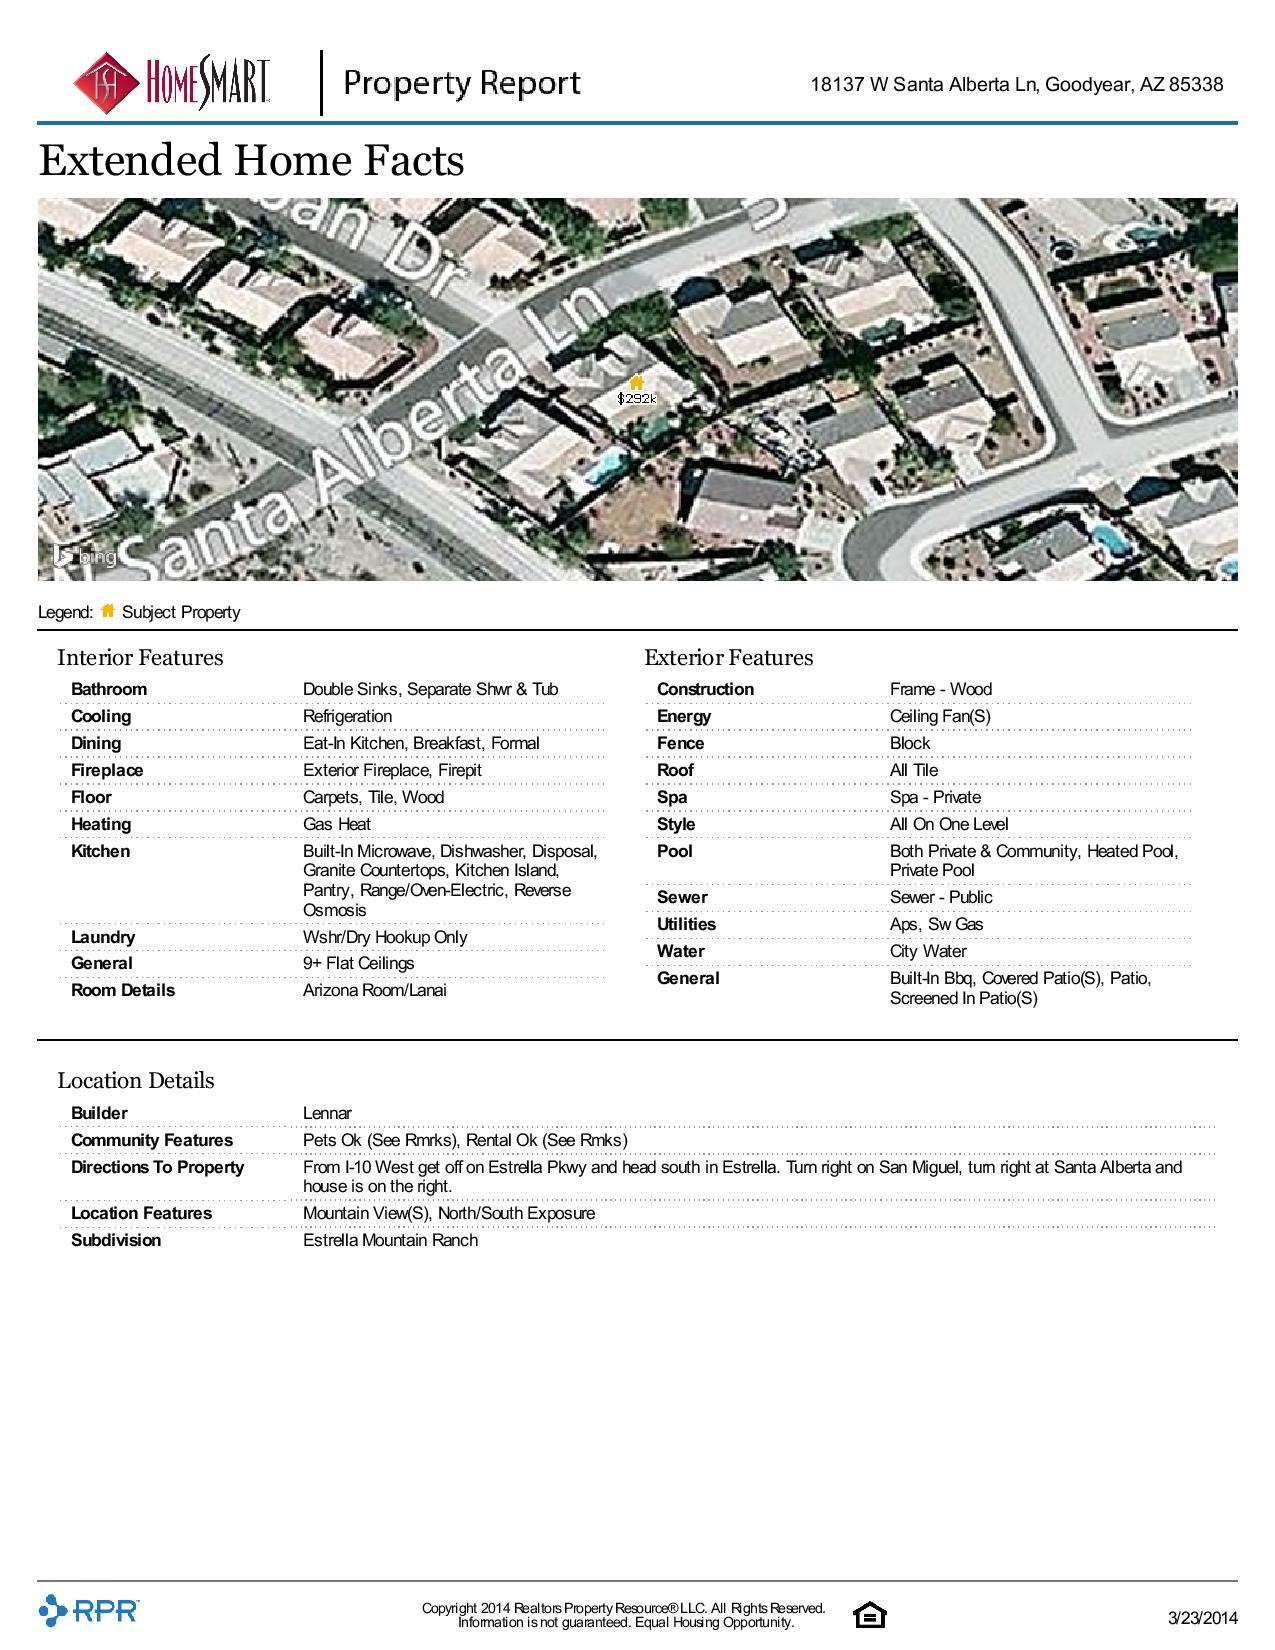 18137-W-Santa-Alberta-Ln-Goodyear-AZ-85338-page-004